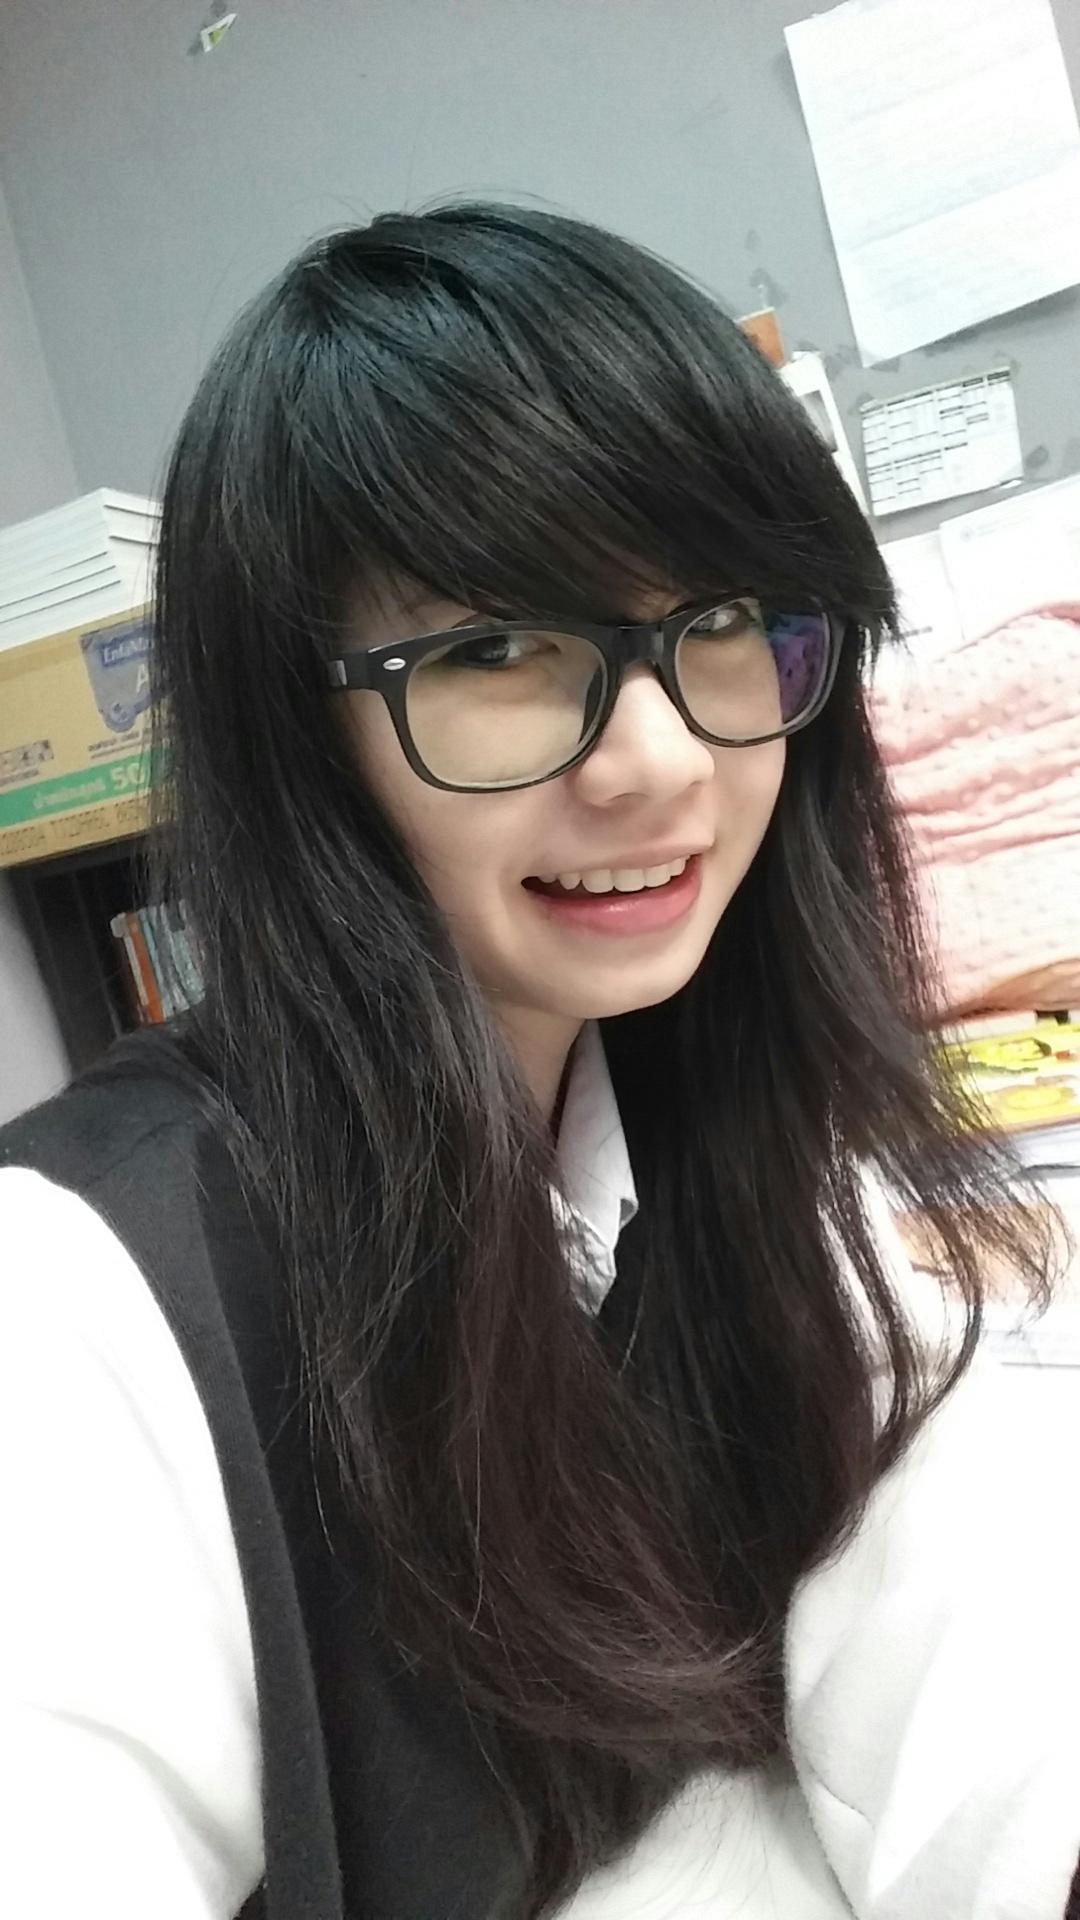 LG selfie